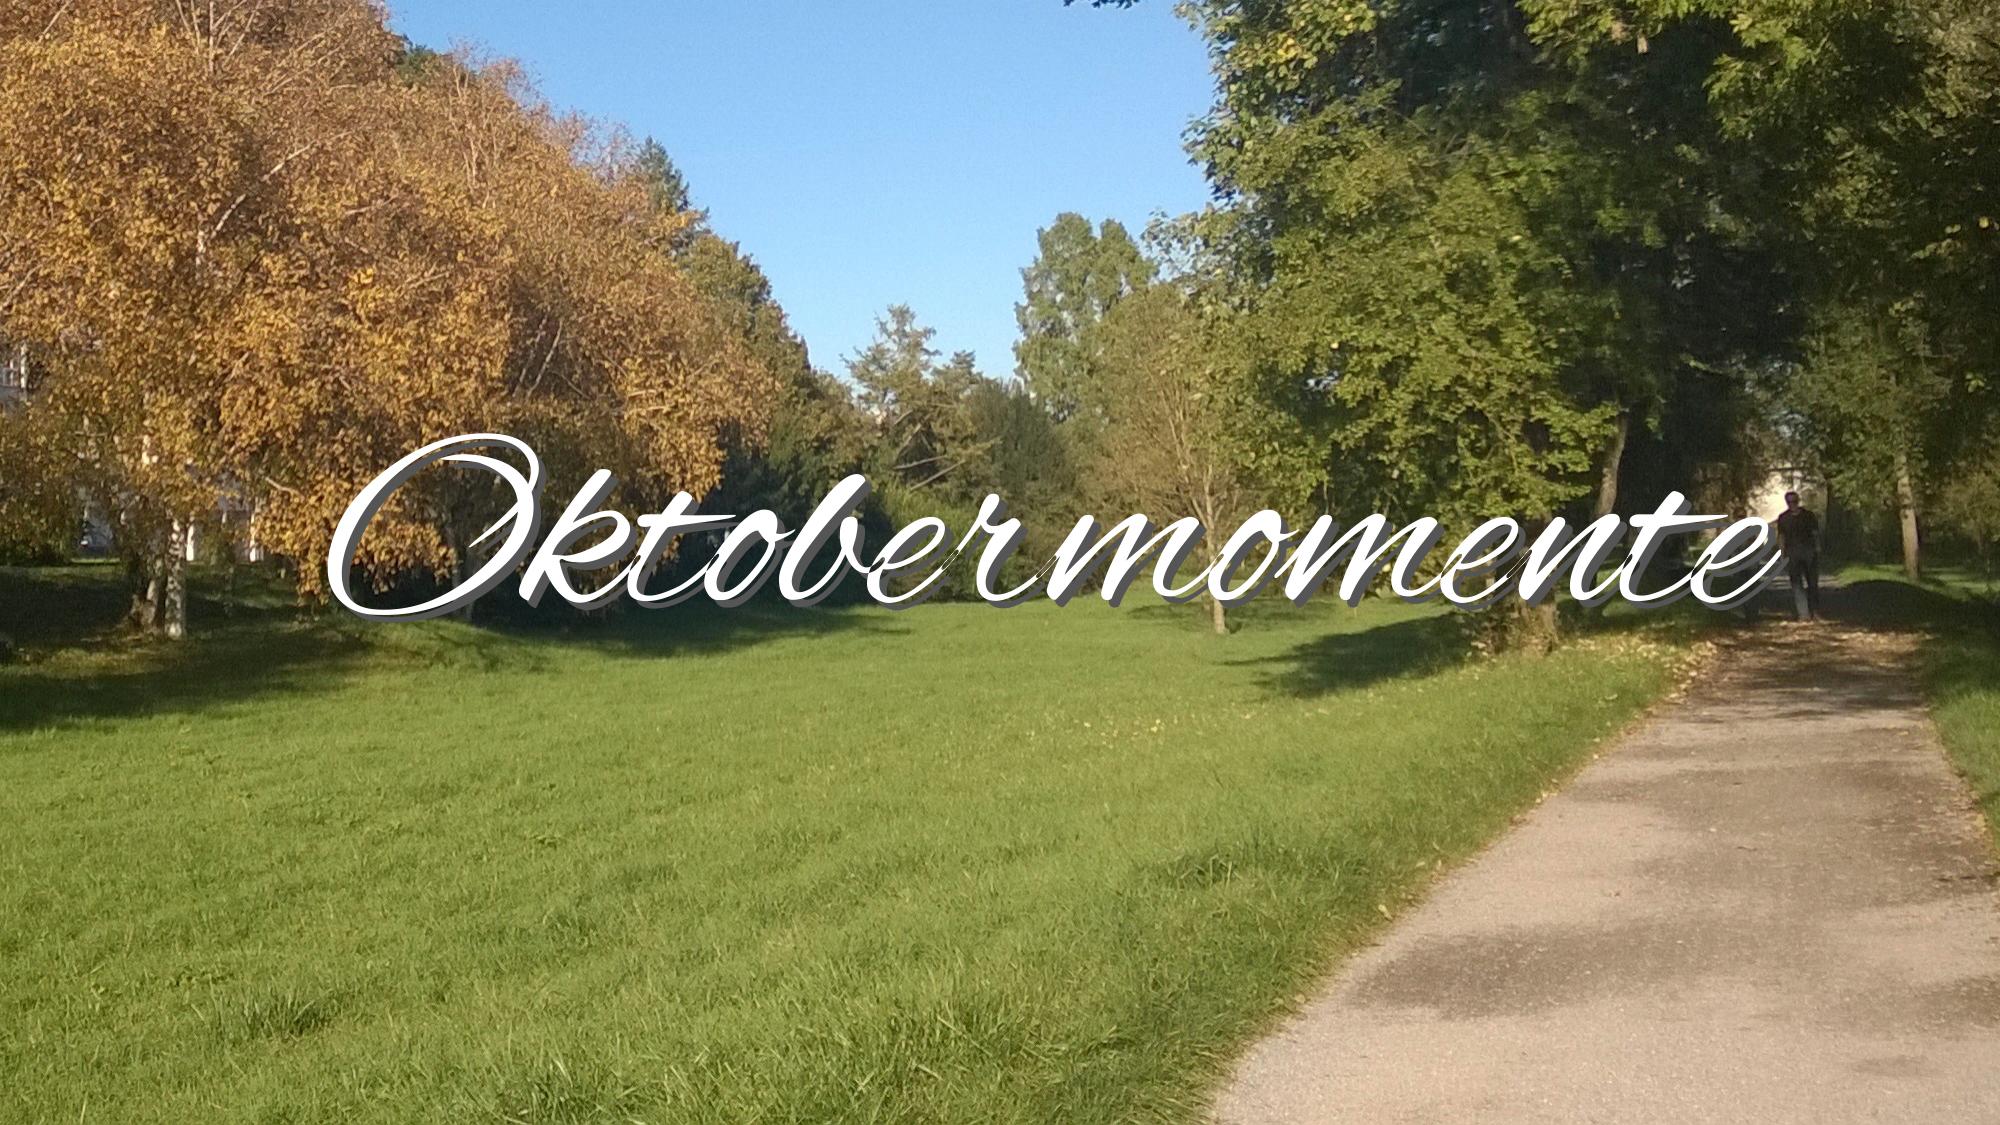 Unsere Oktobermomente in Instagram Bildern